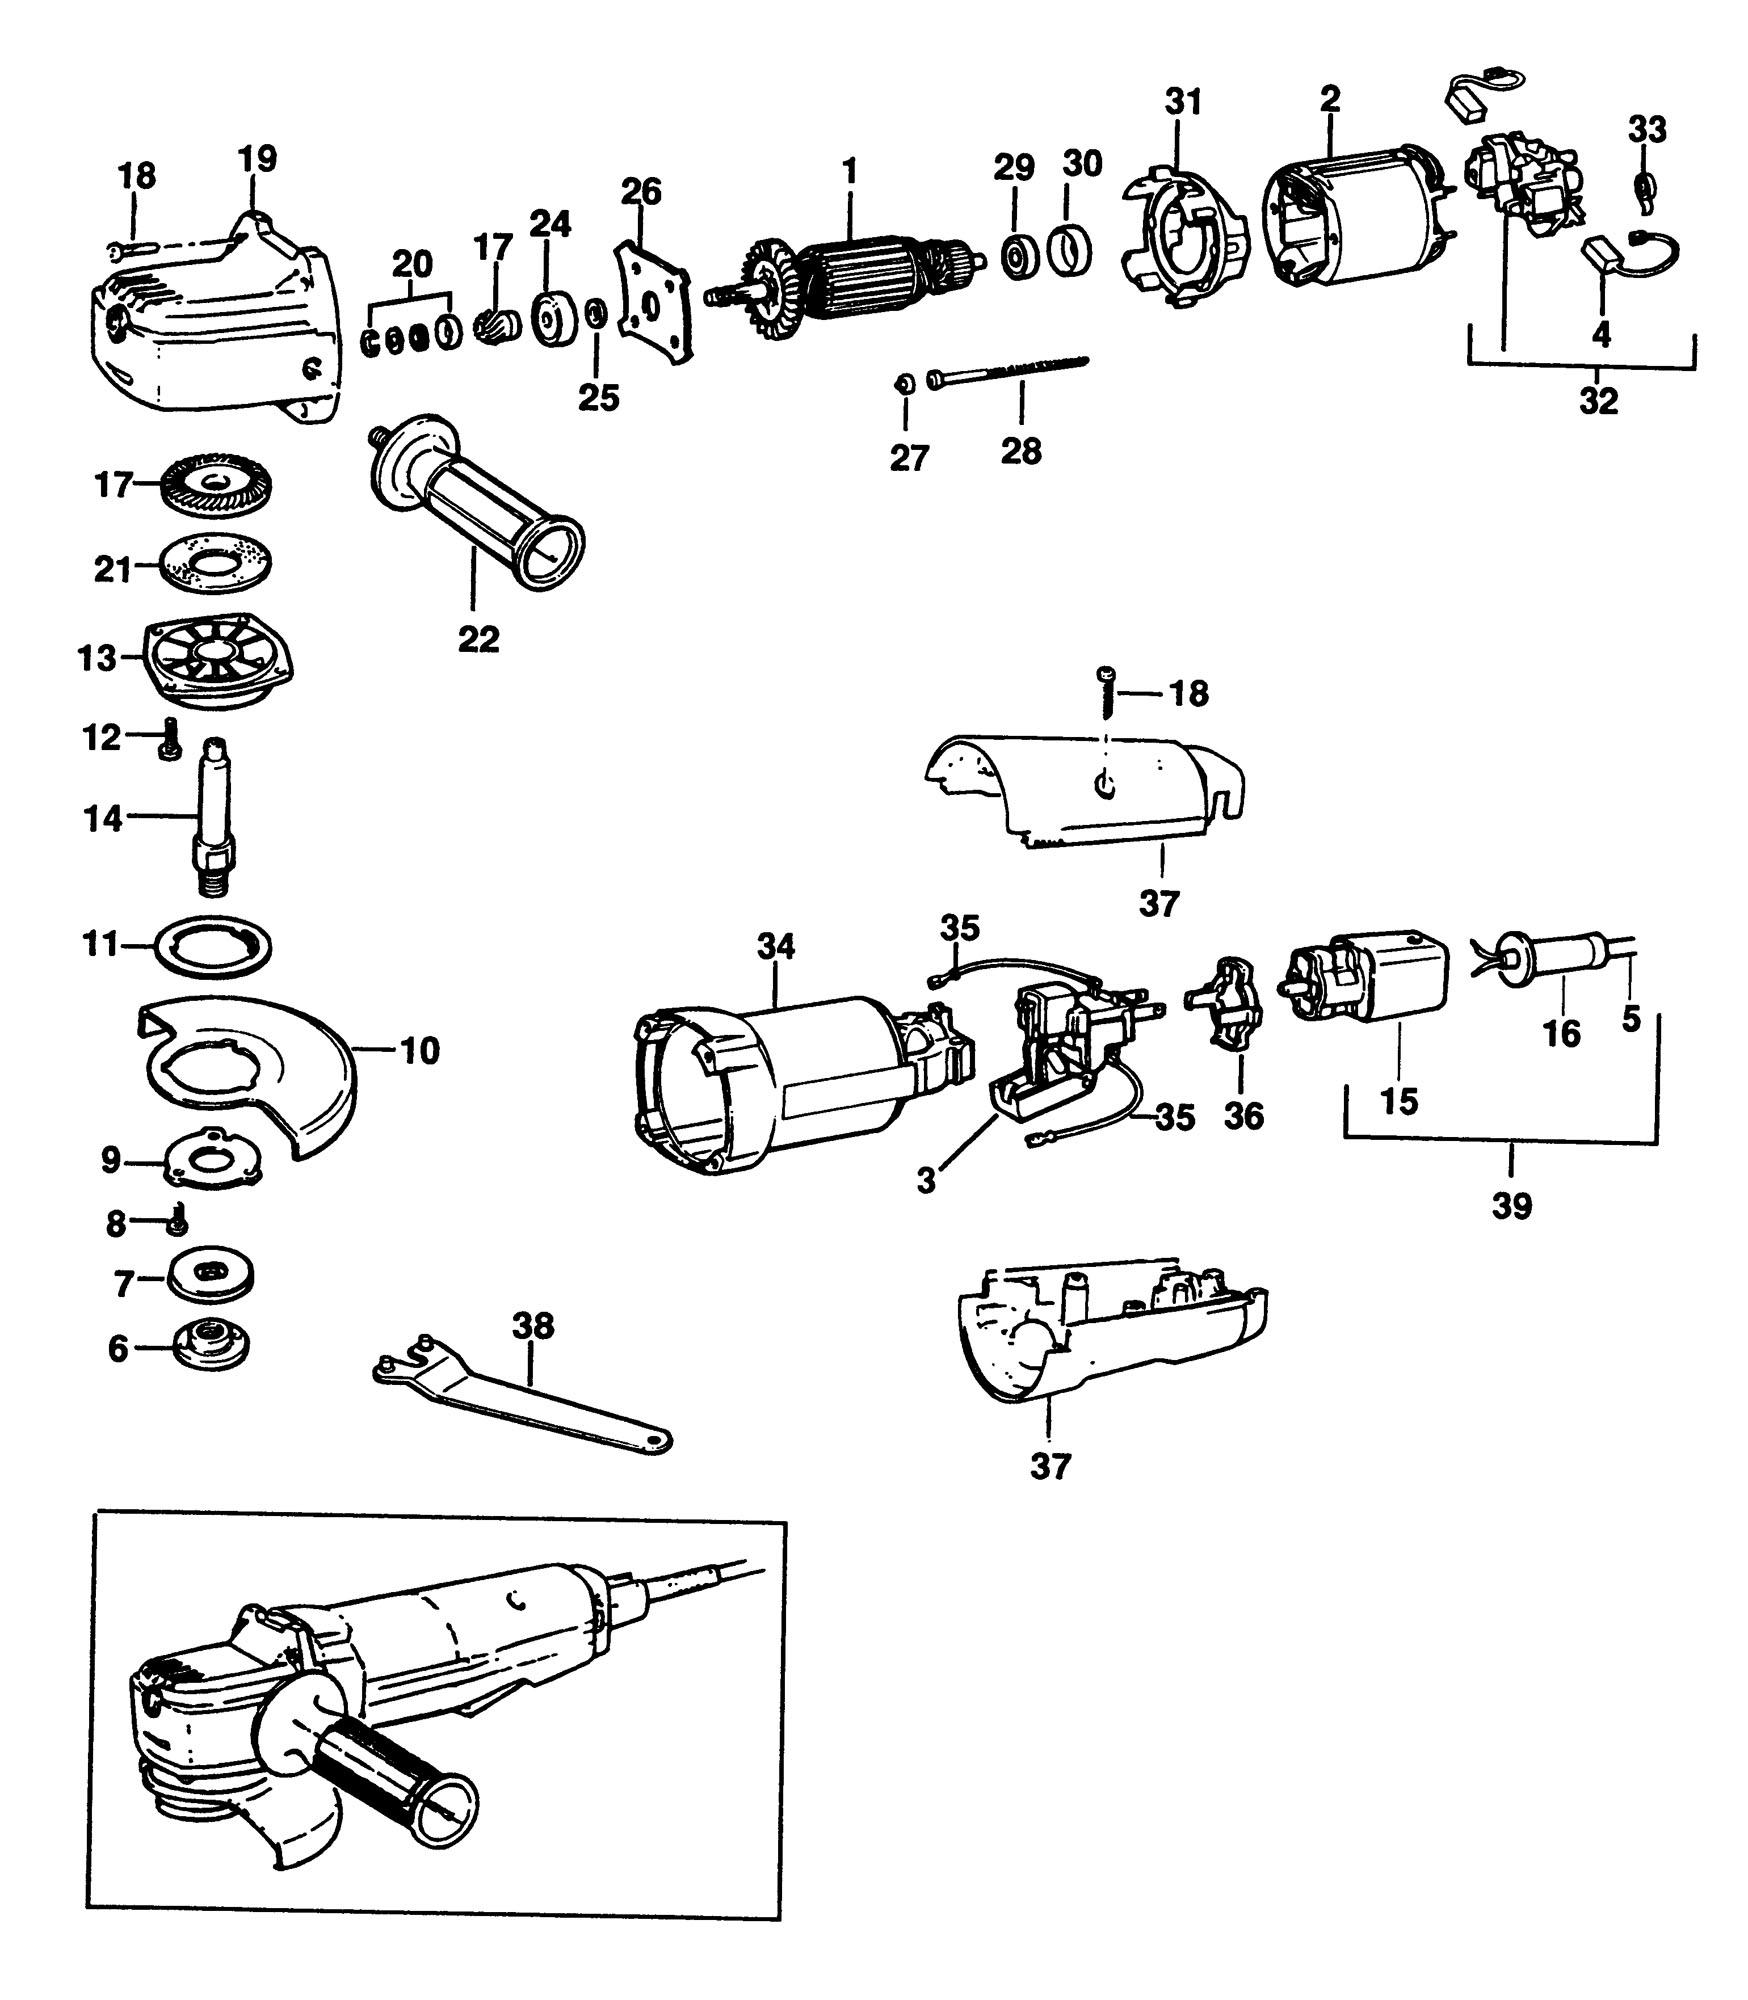 spares for black  u0026 decker pl80 sander  grinder  type 2